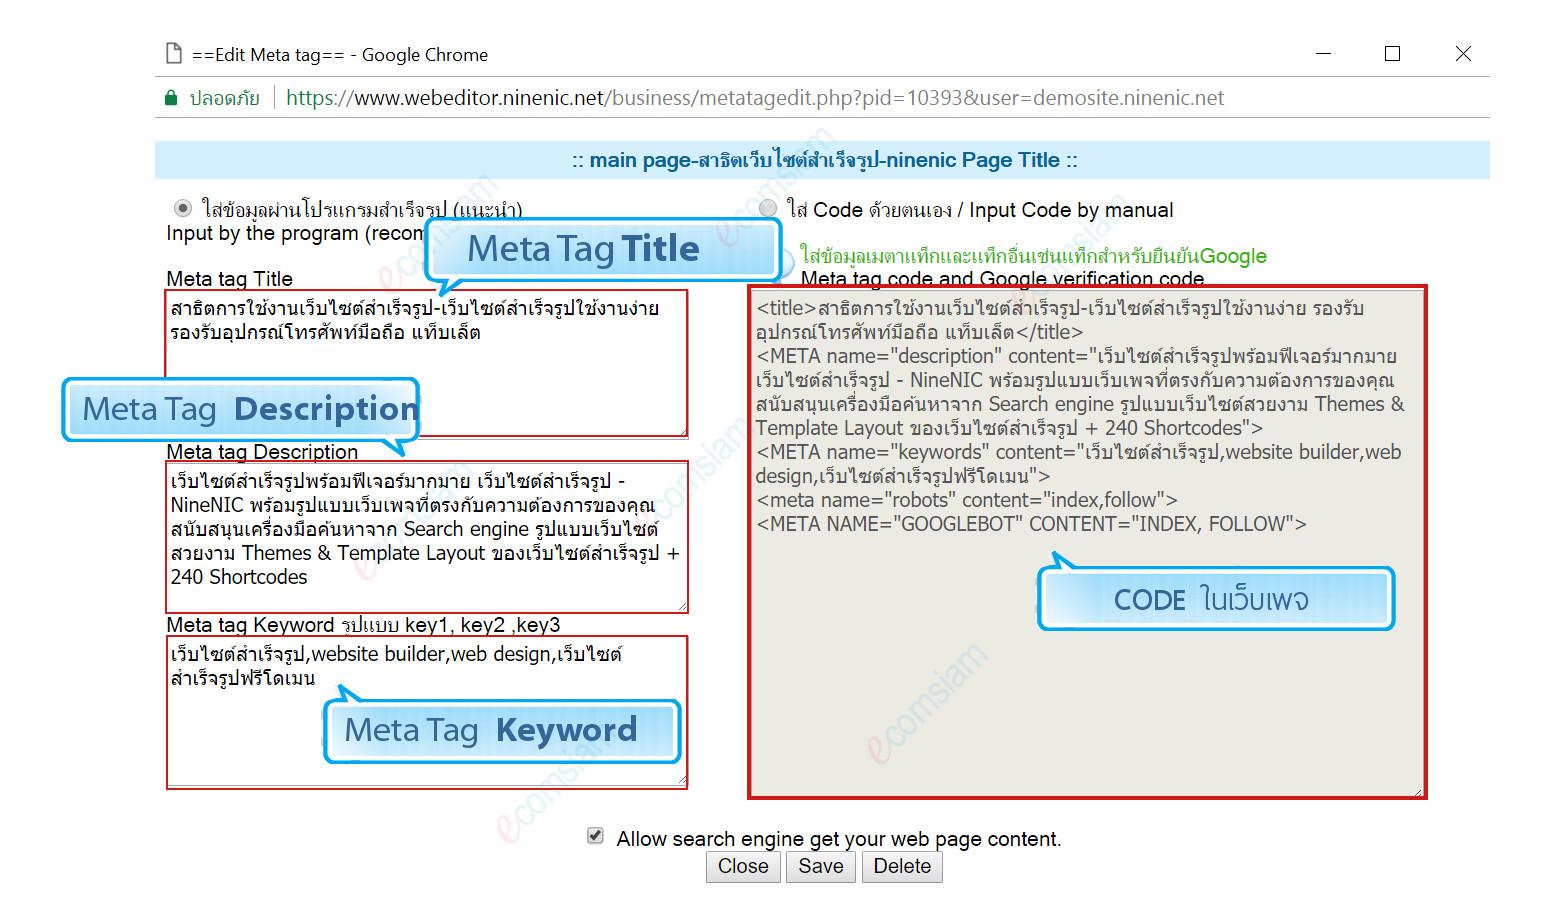 เว็บไซต์สำเร็จรูปที่รองรับ สนับสนุนเครื่องมือค้นหาจาก search engine seo แยกใส่ไตเติ้ล (title)/เมต้าแท็ก (metatage)/คำค้น (keyword) ของแต่ละเว็บเพจ